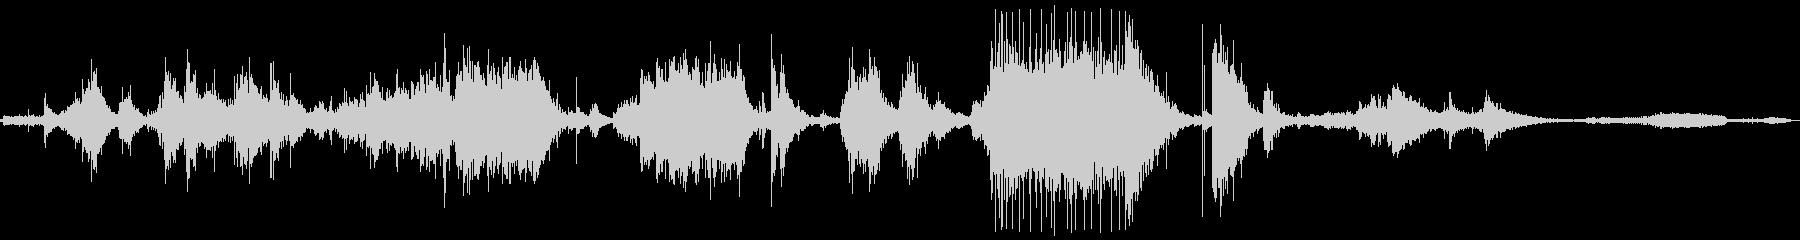 メタルクランクインパクト、ワーピン...の未再生の波形